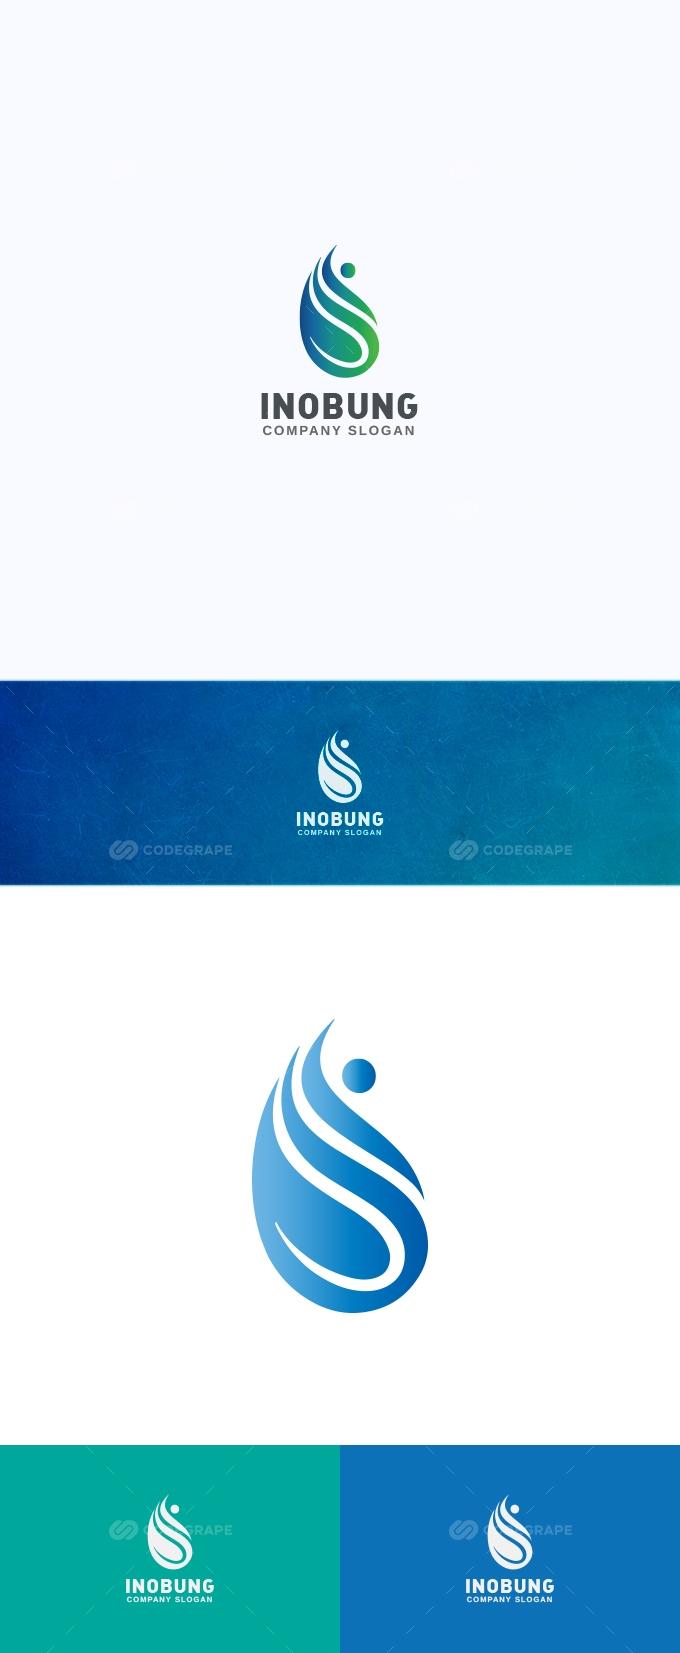 Inobung Logo